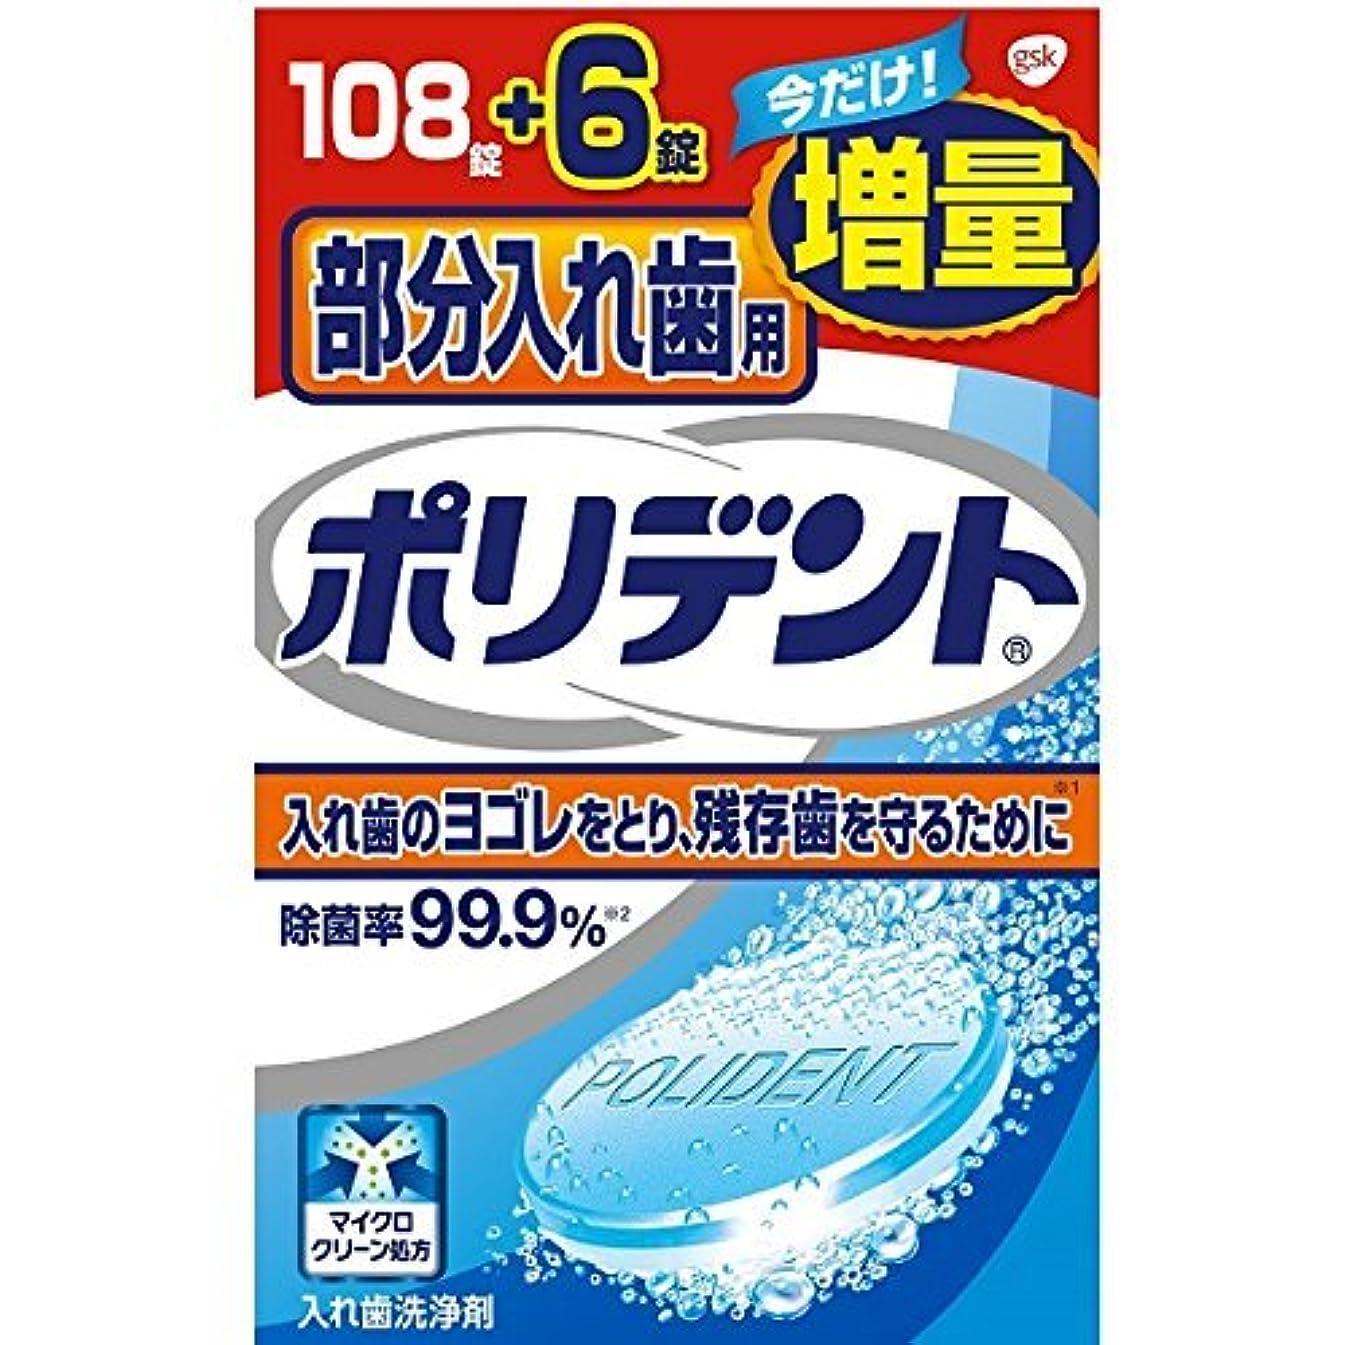 効果的湿気の多い無能部分入れ歯用ポリデント 108錠+6錠増量品